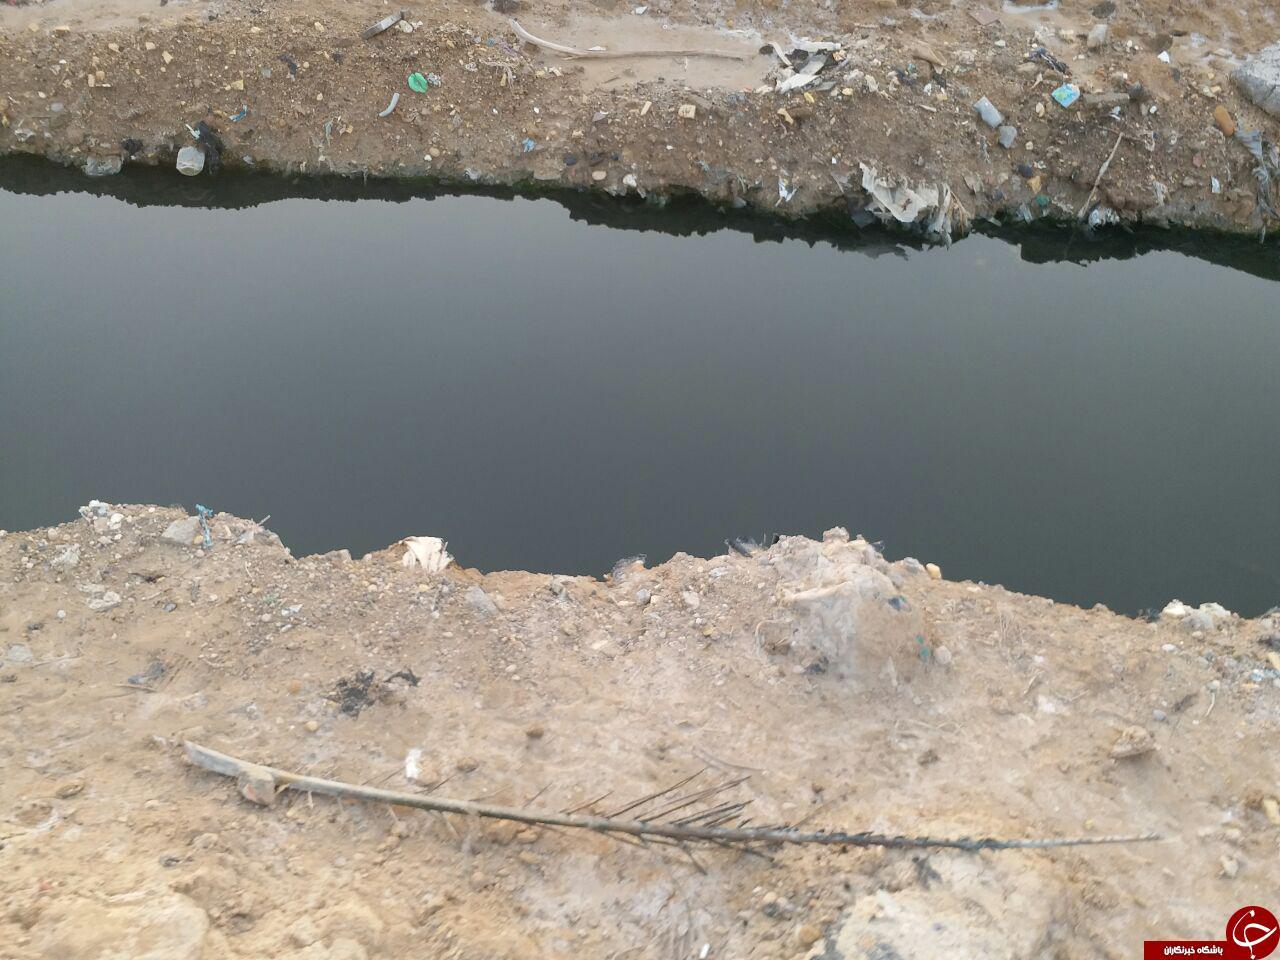 کشف جسد پسر بچه 4 ساله در کانال فاضلاب شهر بندر امام خمینی (ره) + فیلم